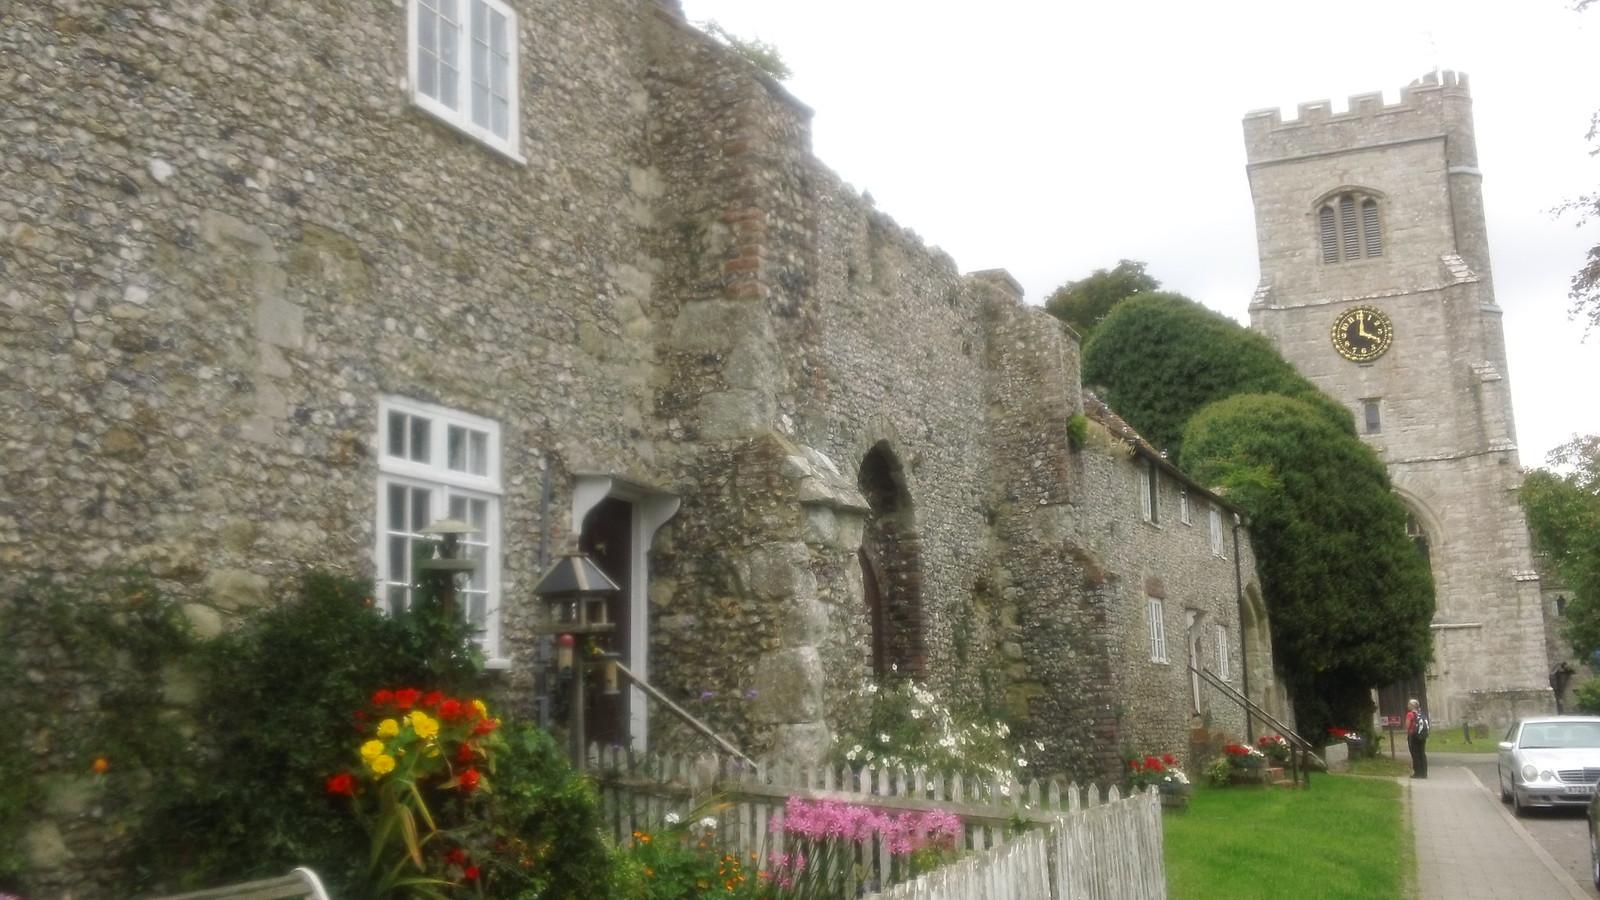 Charing Palace and church tower Charing, Kent